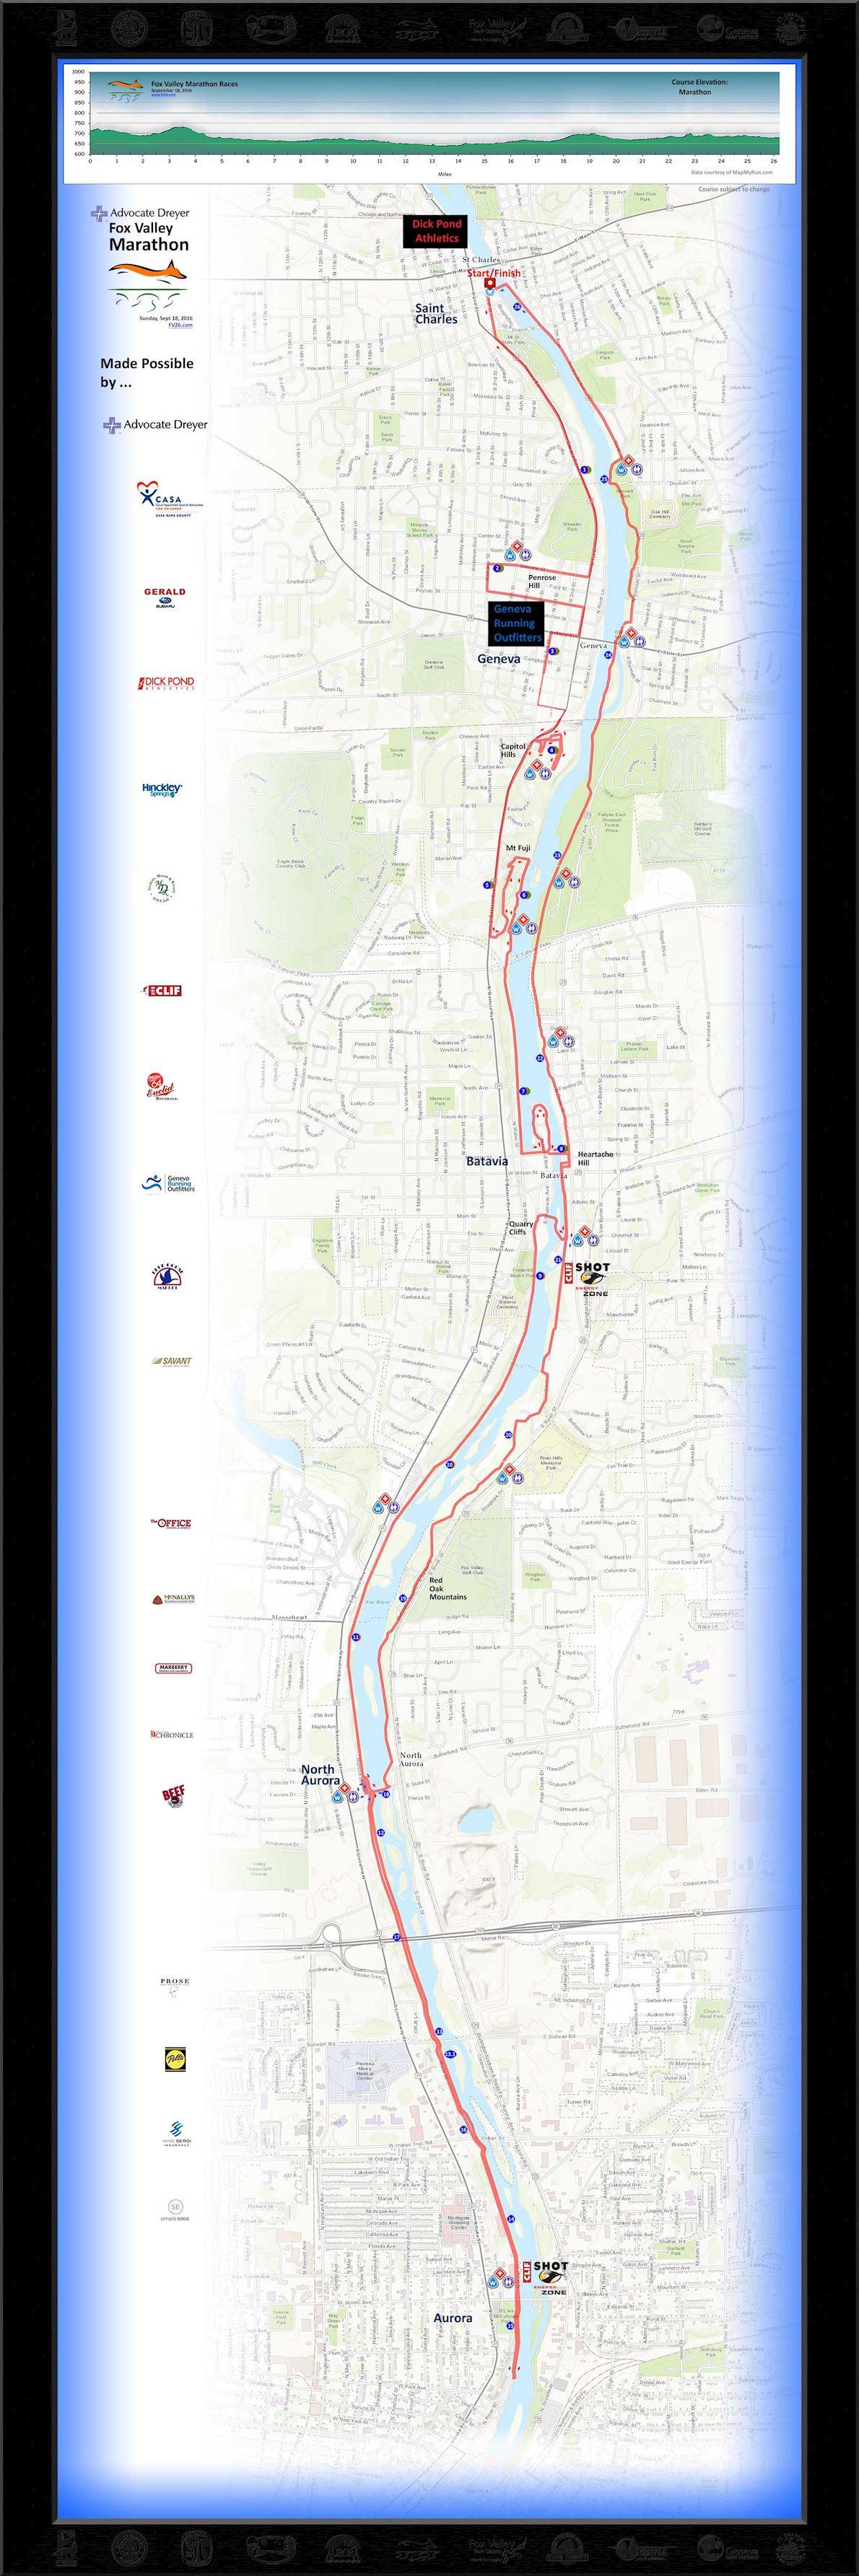 Fox Valley Marathon MAPA DEL RECORRIDO DE